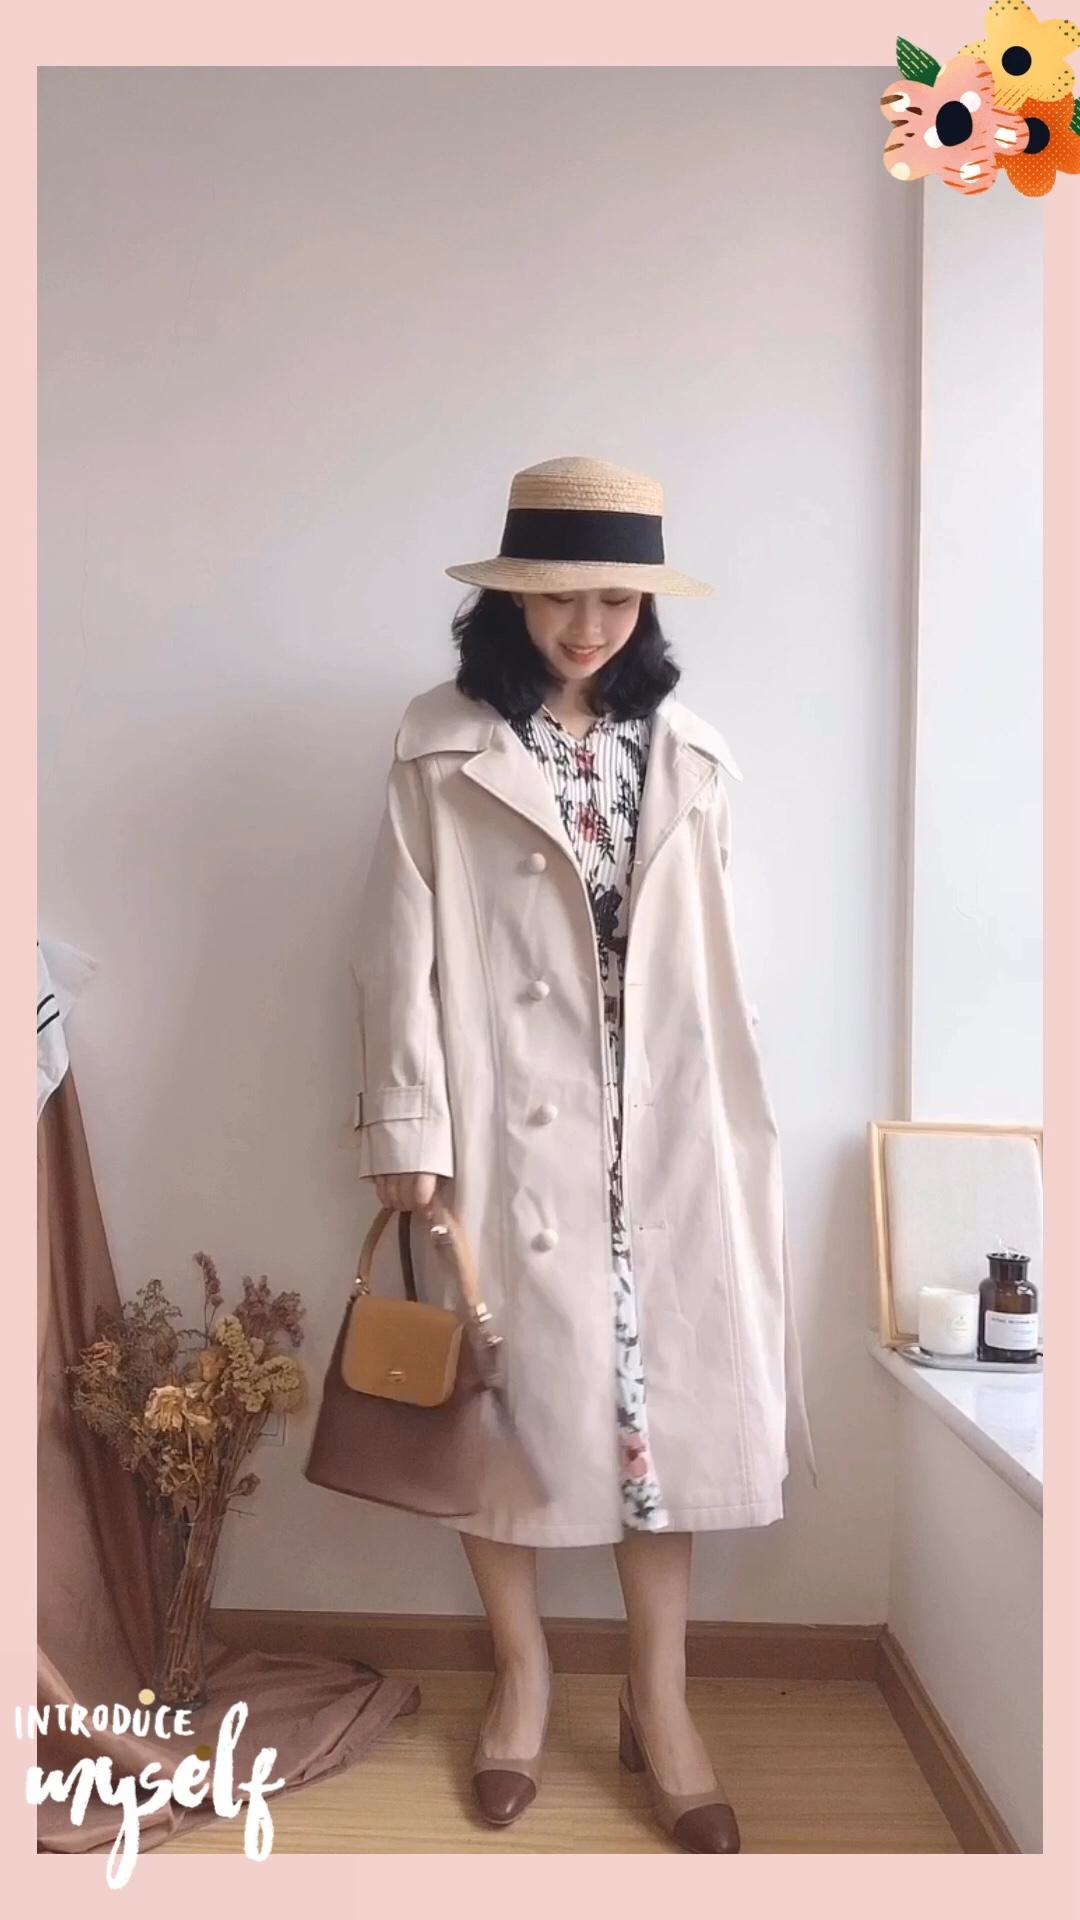 #米色,给你大写的温柔~#  150小个子穿搭 超温柔的米白色风衣搭配! 自带温柔属性的米白色~ 内搭一条碎花连衣裙,花色也是很好看很温柔哦!跟风衣绝配!! 搭配棕色系的鞋子和包包 再搭配一个草编帽!